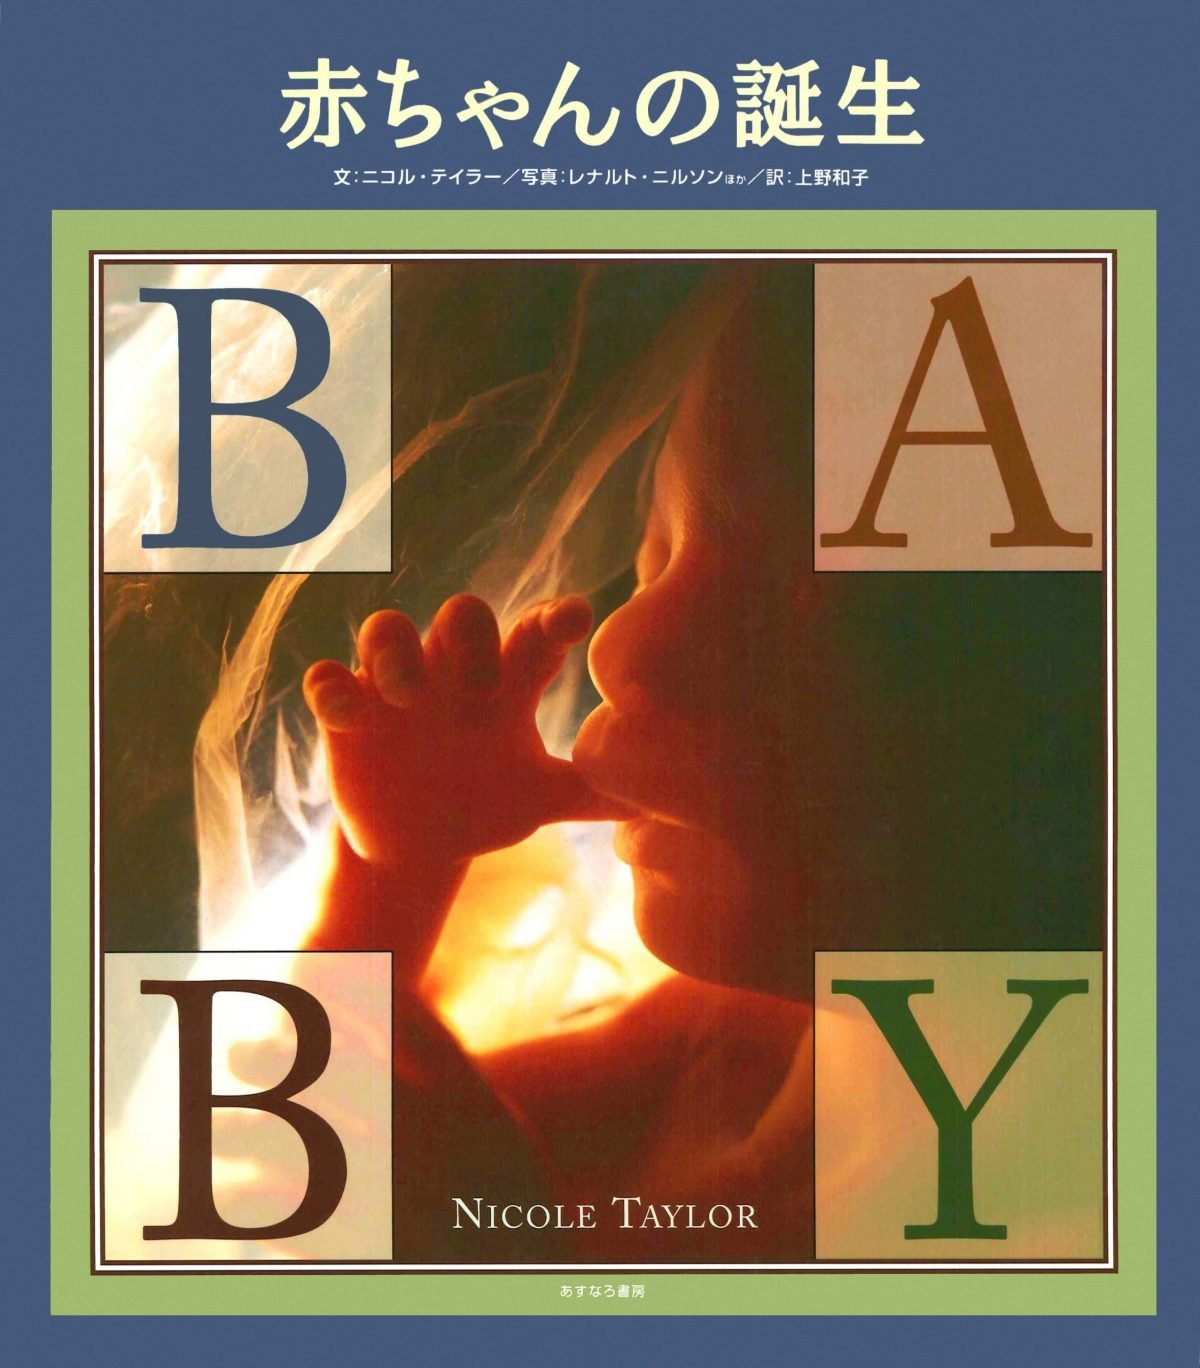 絵本「赤ちゃんの誕生」の表紙